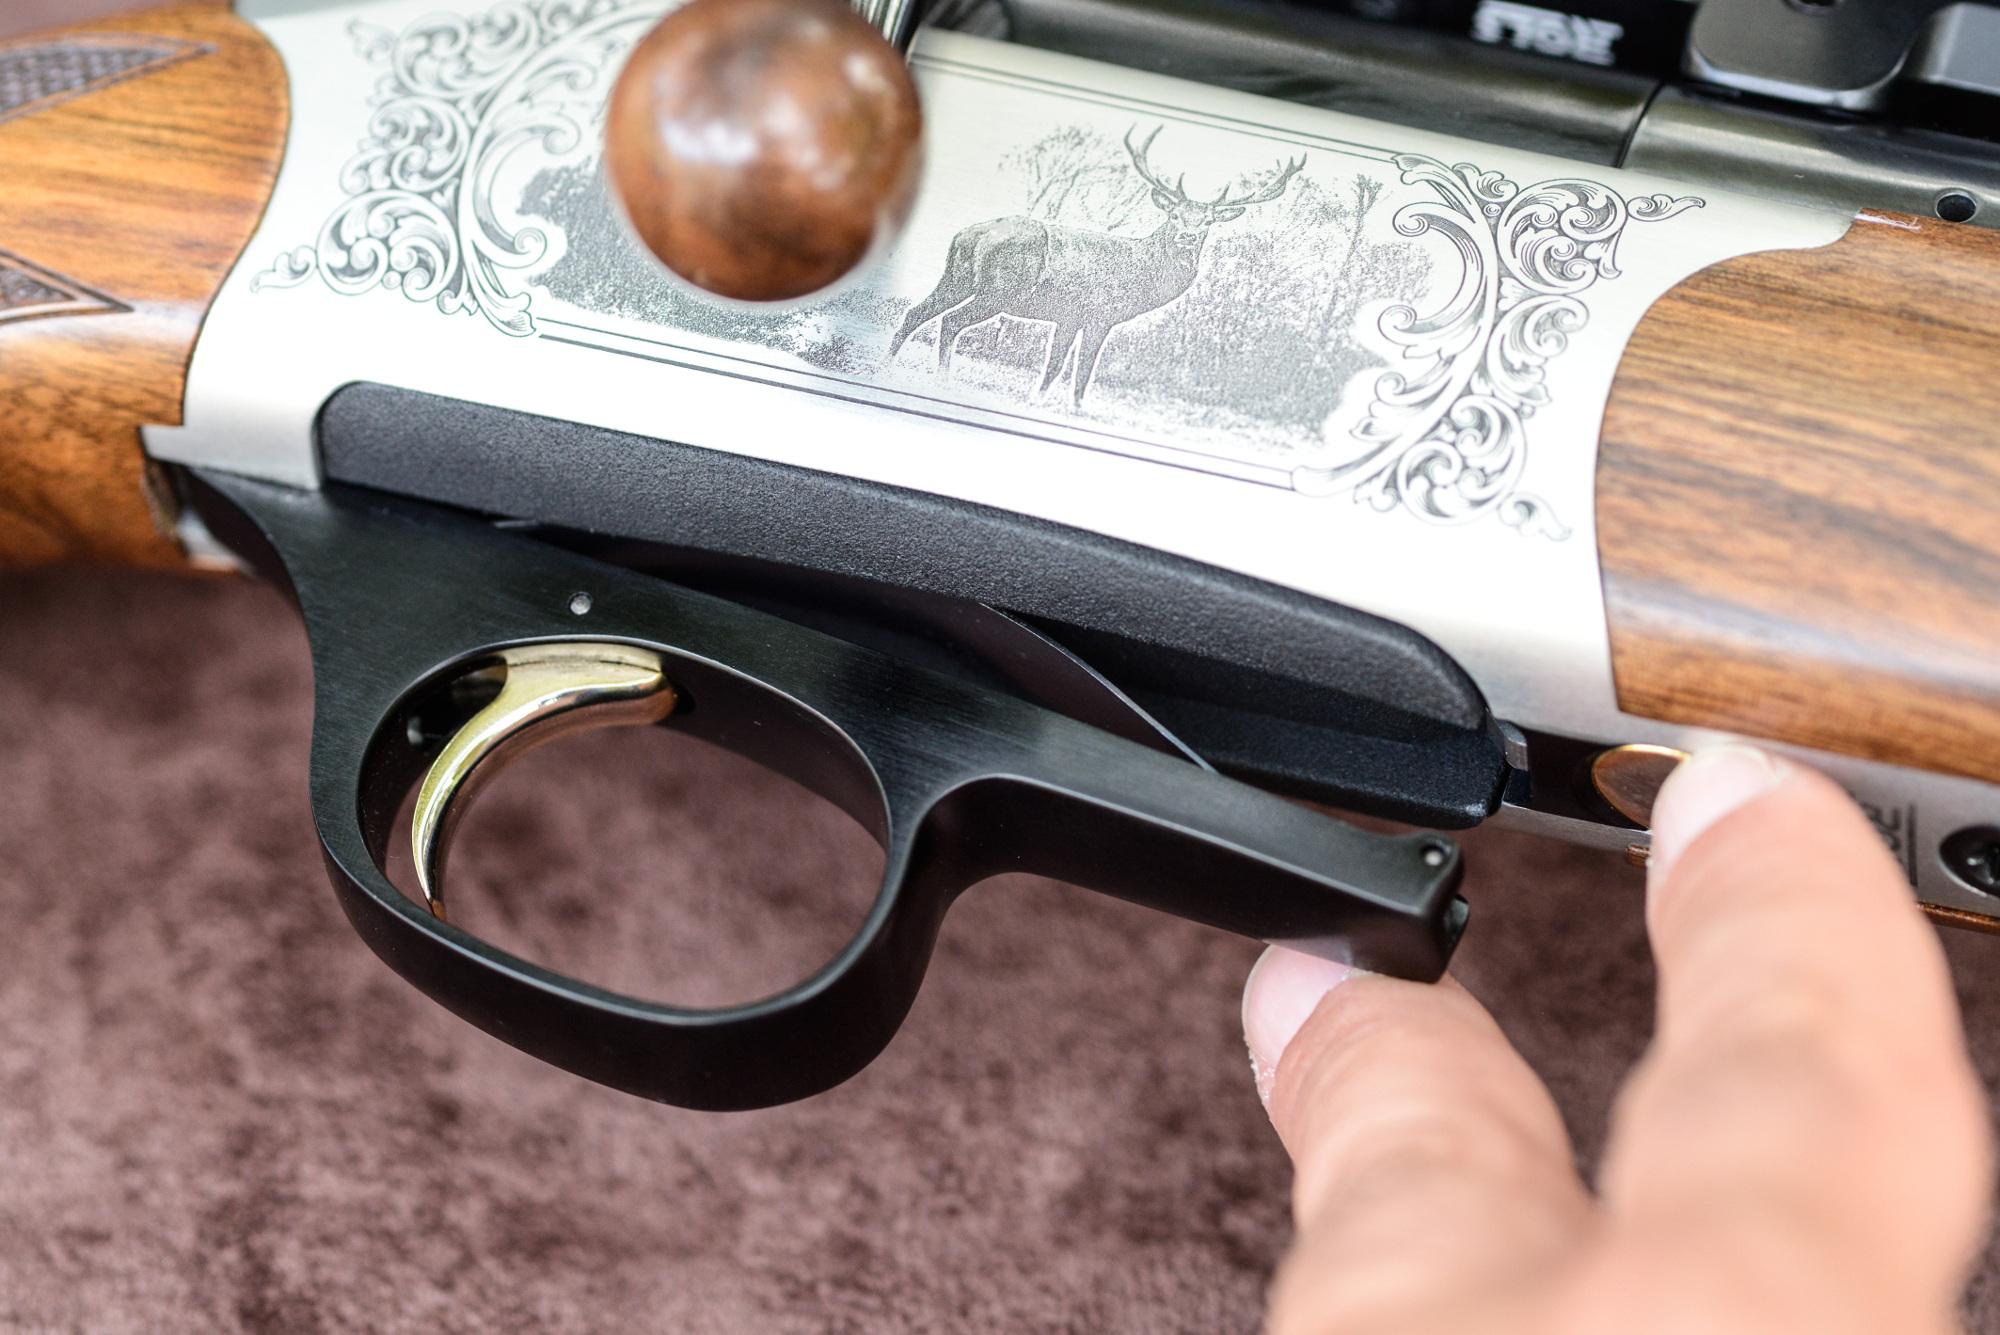 seconda pressione del pulsante di sgancio del caricatore della carabina straight-pull Chapuis Rols Deluxe